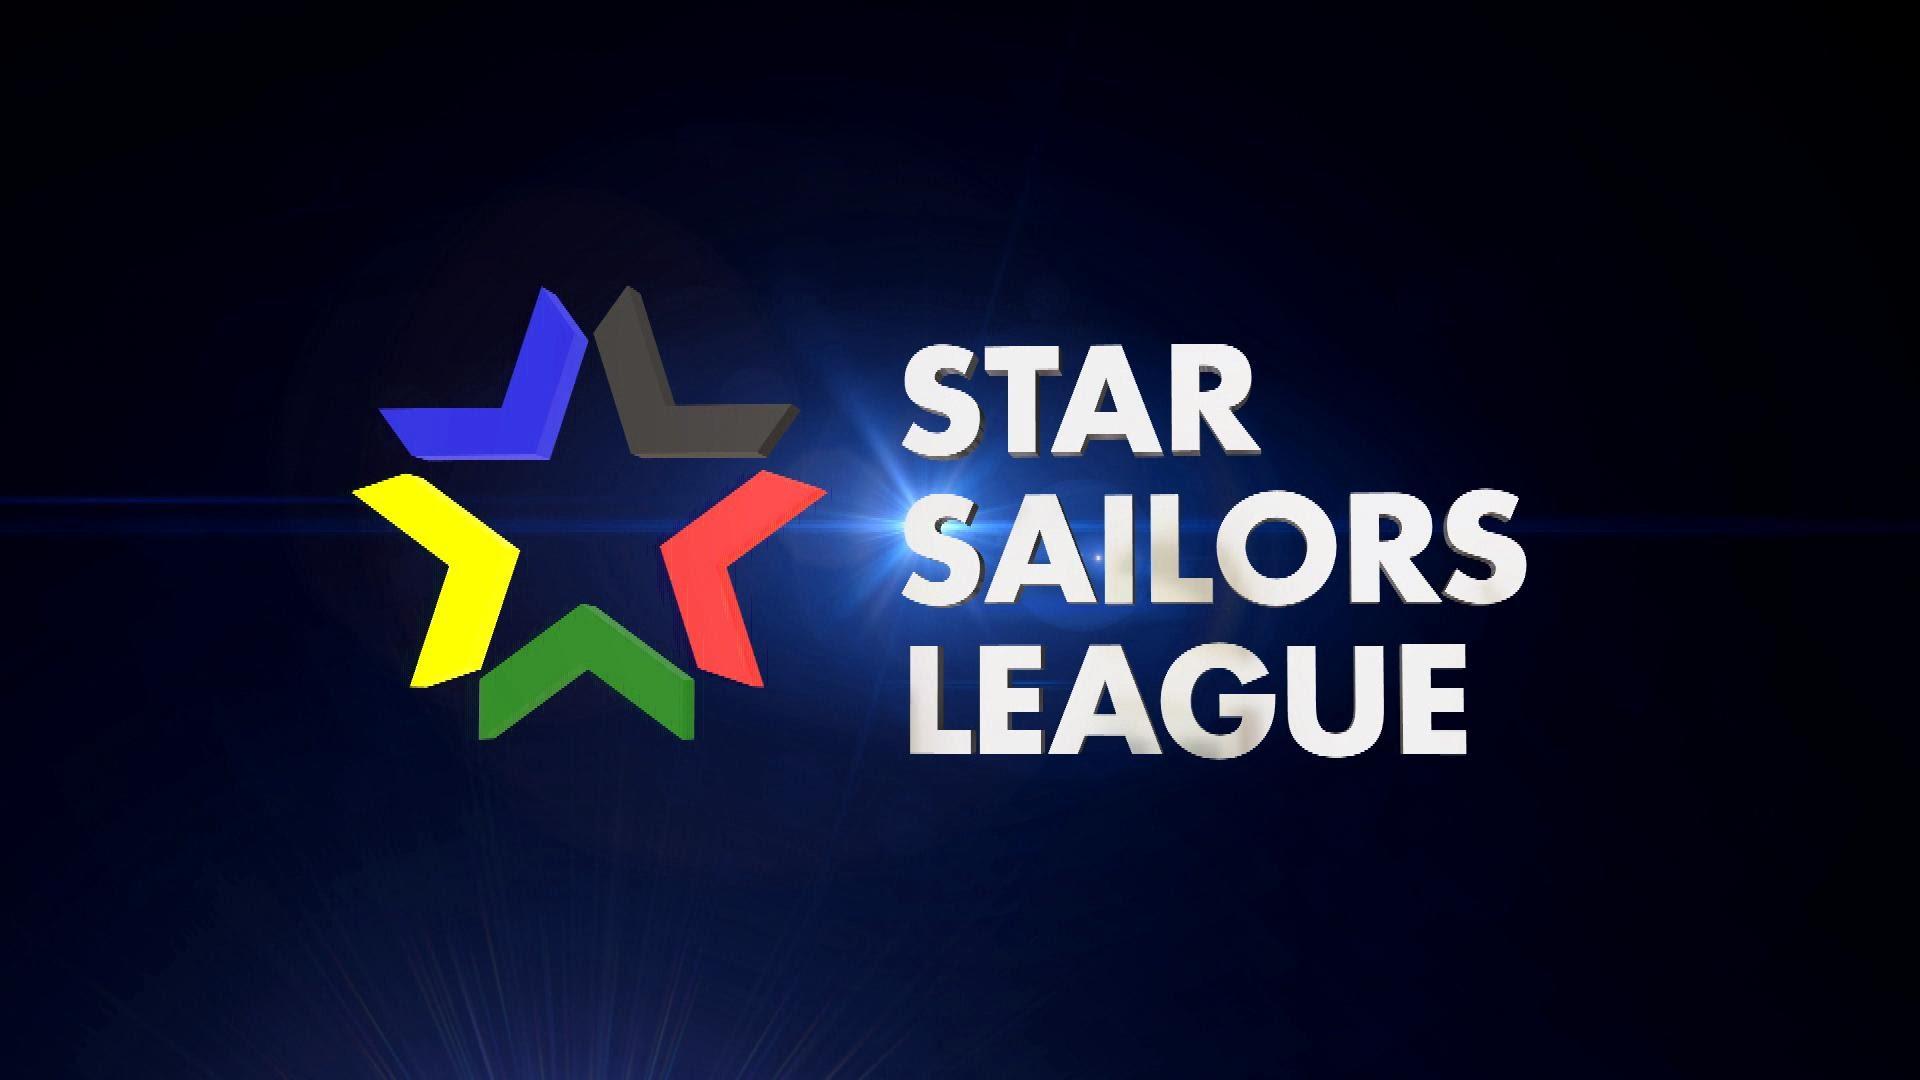 Stars Sailors League - finale - Les 4 meilleurs s'affrontent